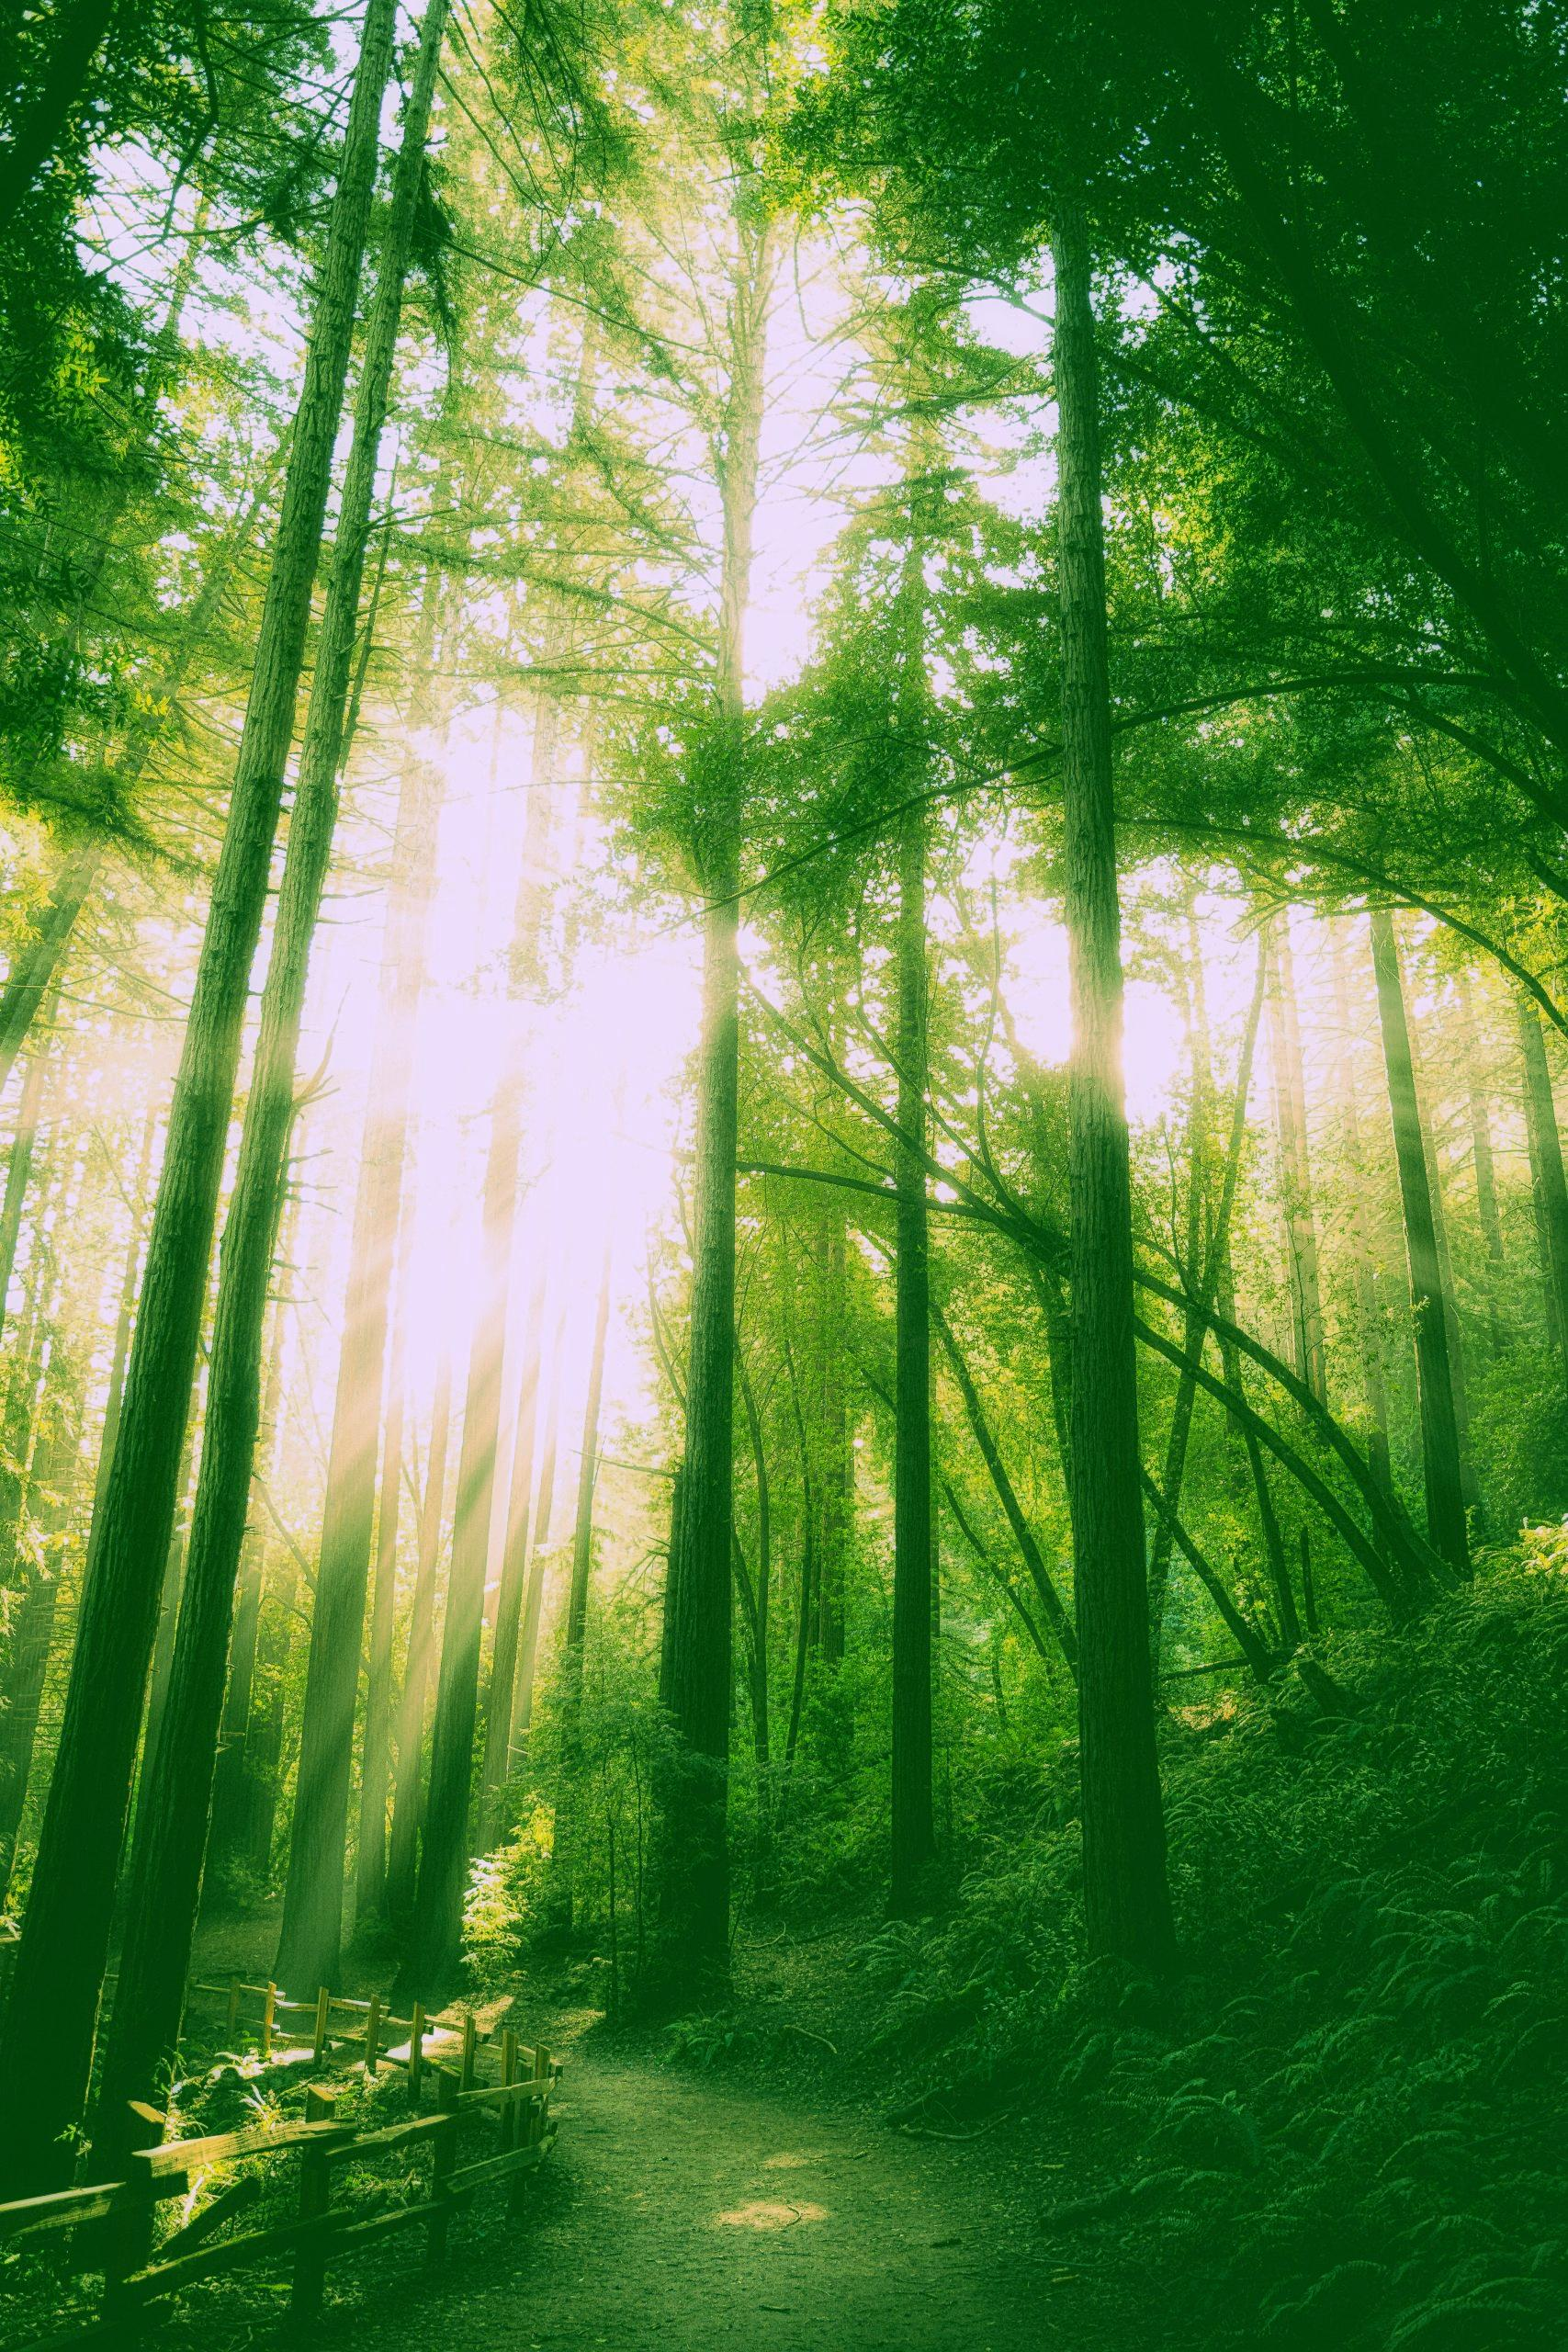 Llum, calma, acció: L'espiritualitat no és una pel·lícula. Contemplació